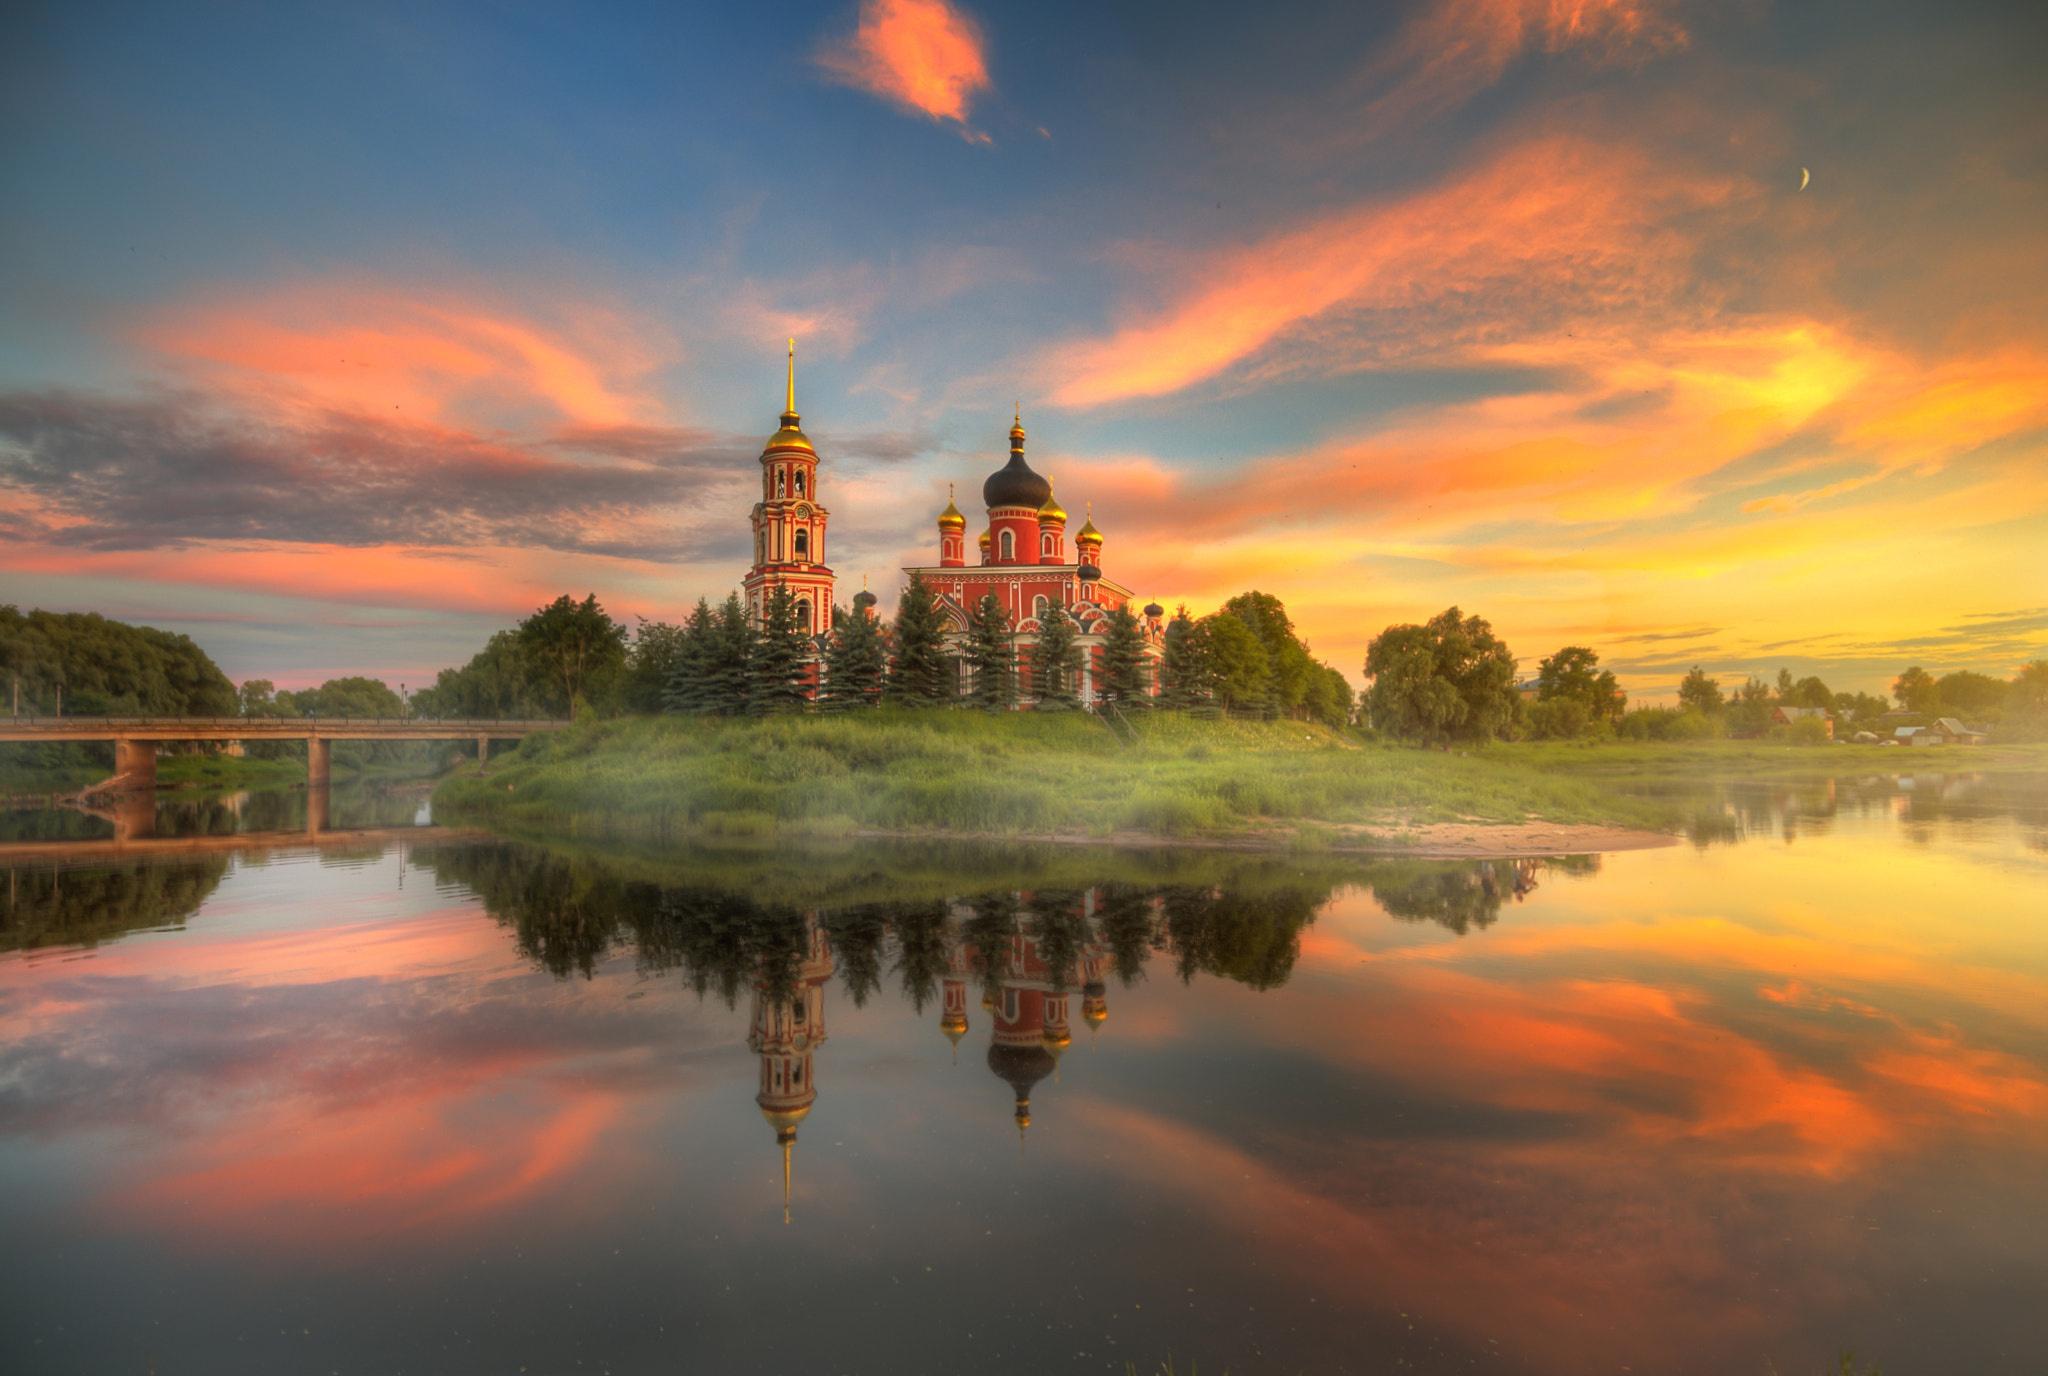 компании картинки монастырь у воды сша жители могут